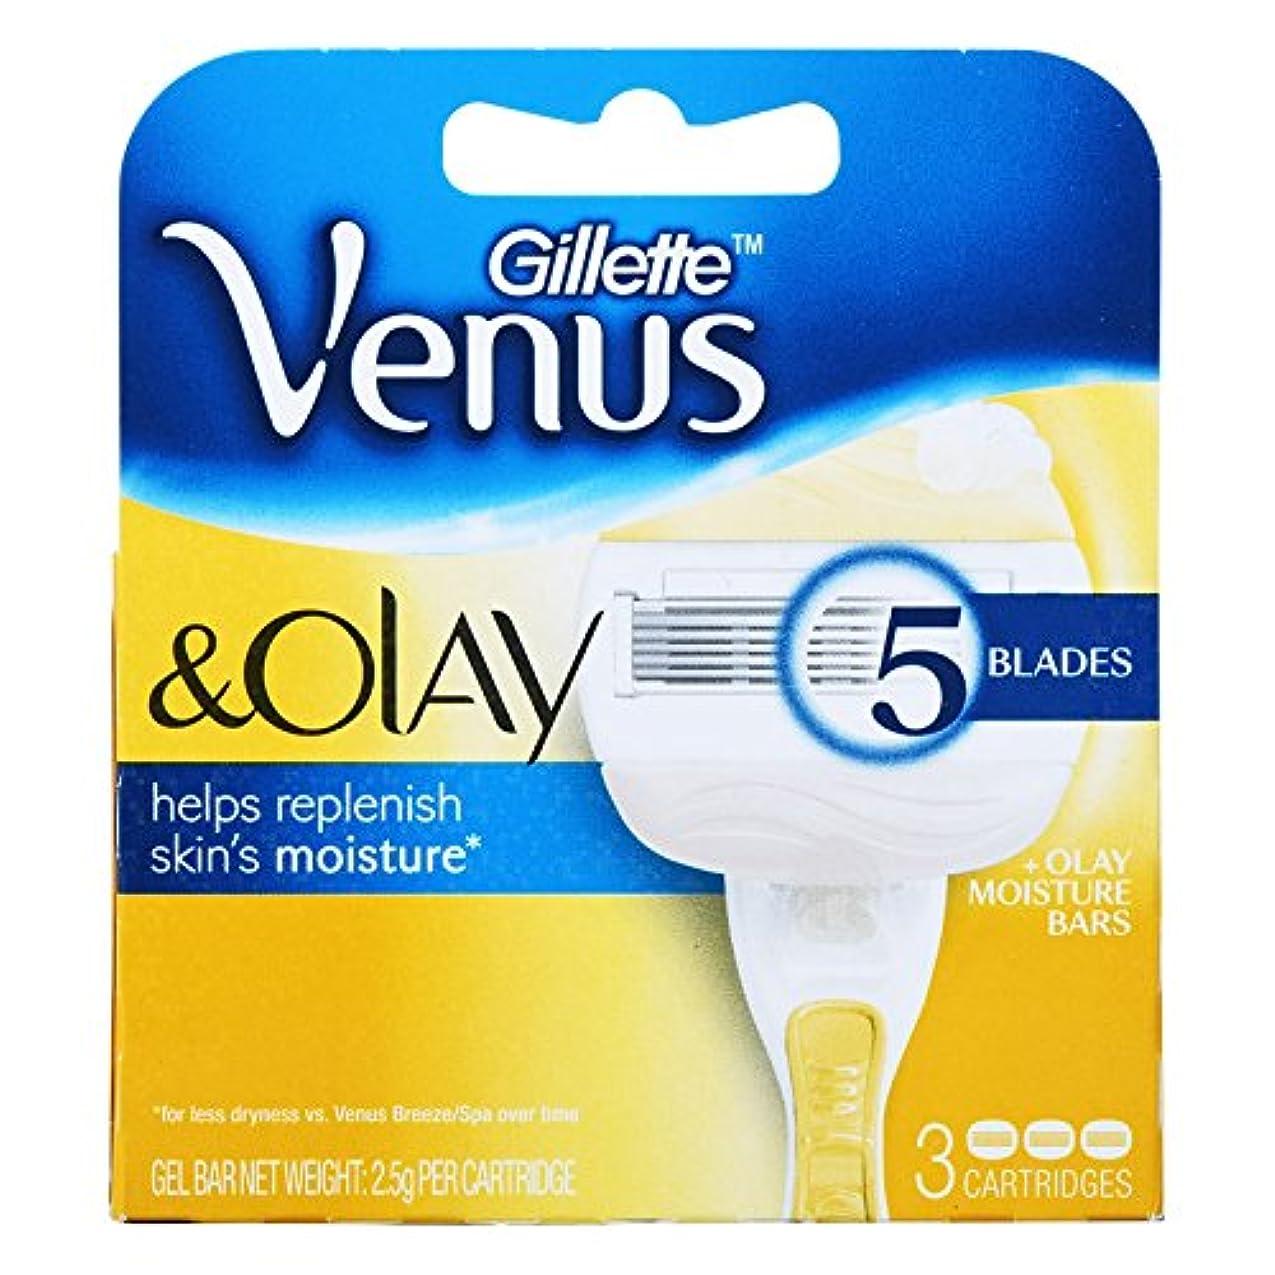 到着接触テクトニックGillette Venus Olay Razor Blades カートリッジブレード 3 Pcs [並行輸入品]